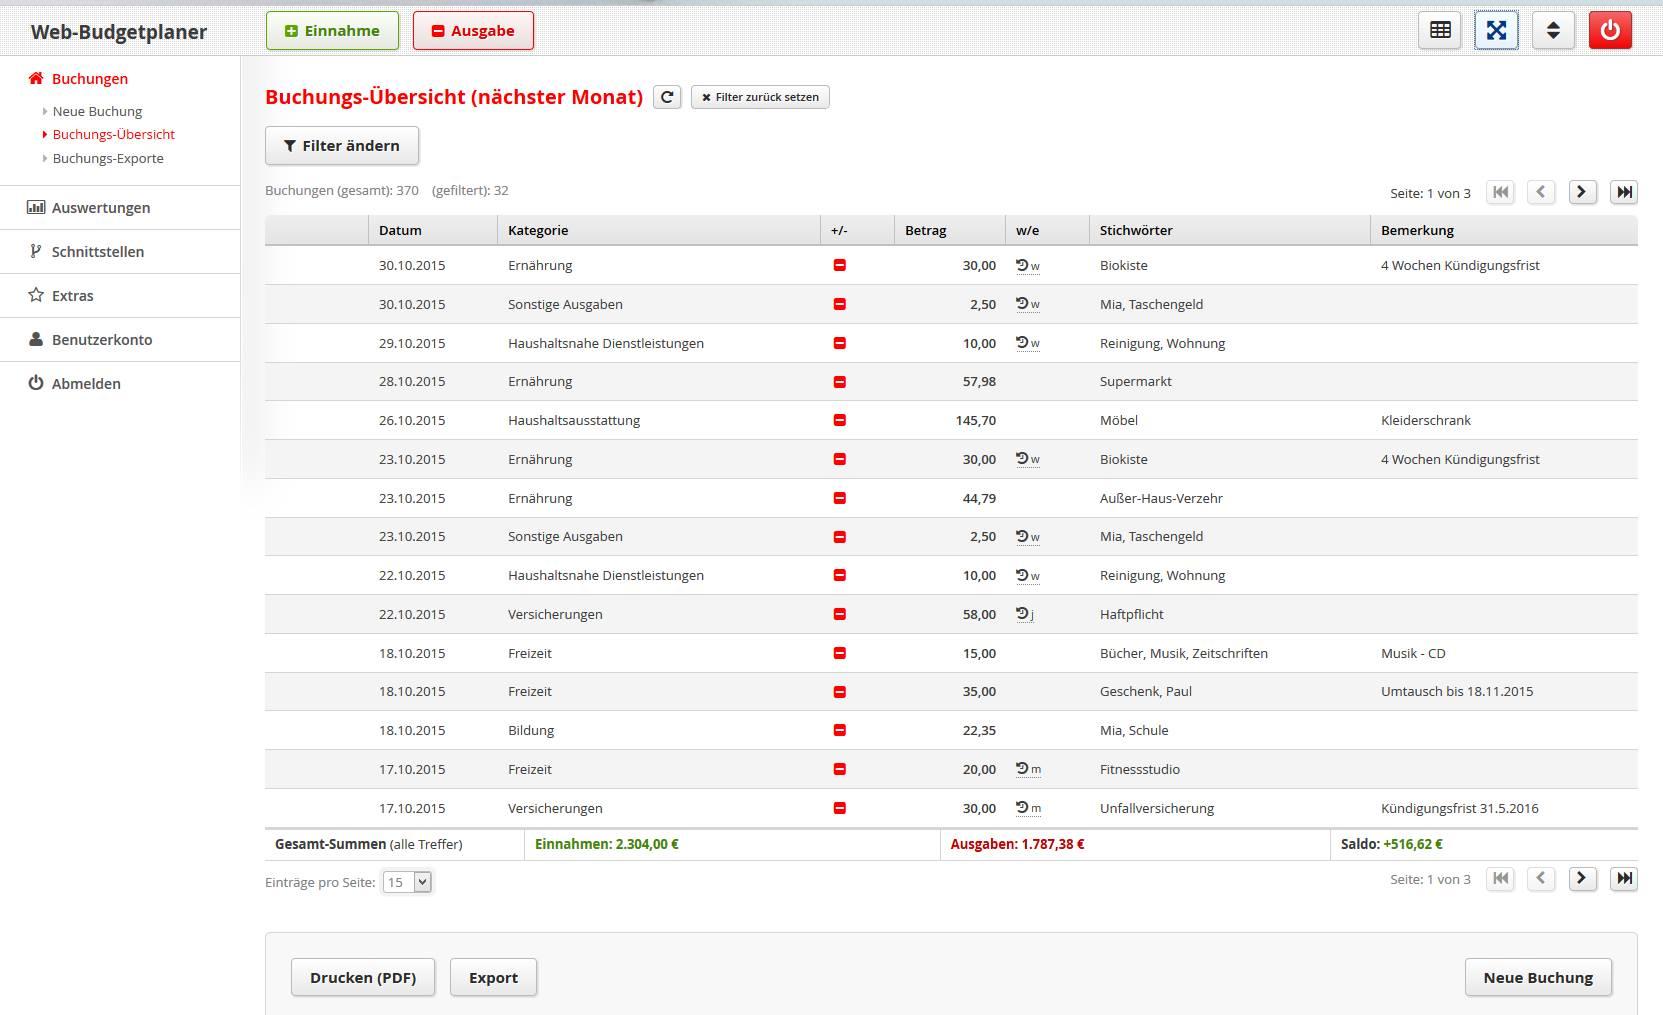 Onlineplaner: Buchungsübersicht des Web-Budgetplaners.